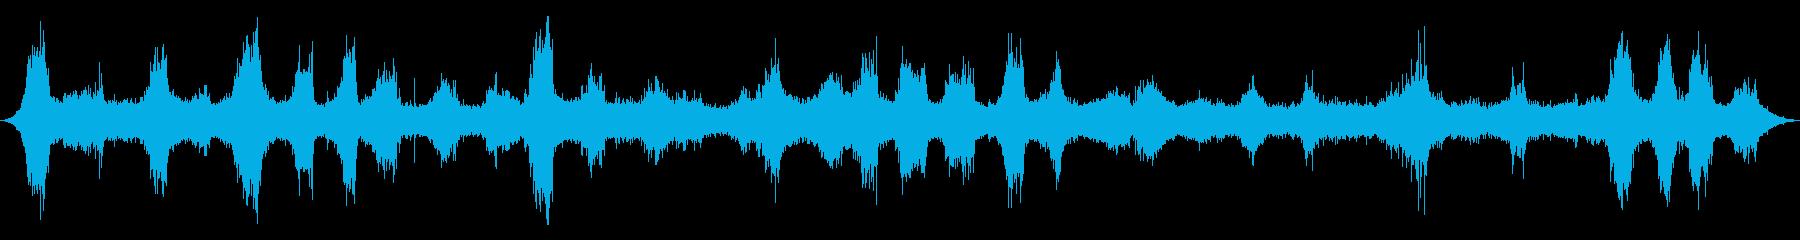 海洋:火山岩の上に重く来る波、重い...の再生済みの波形